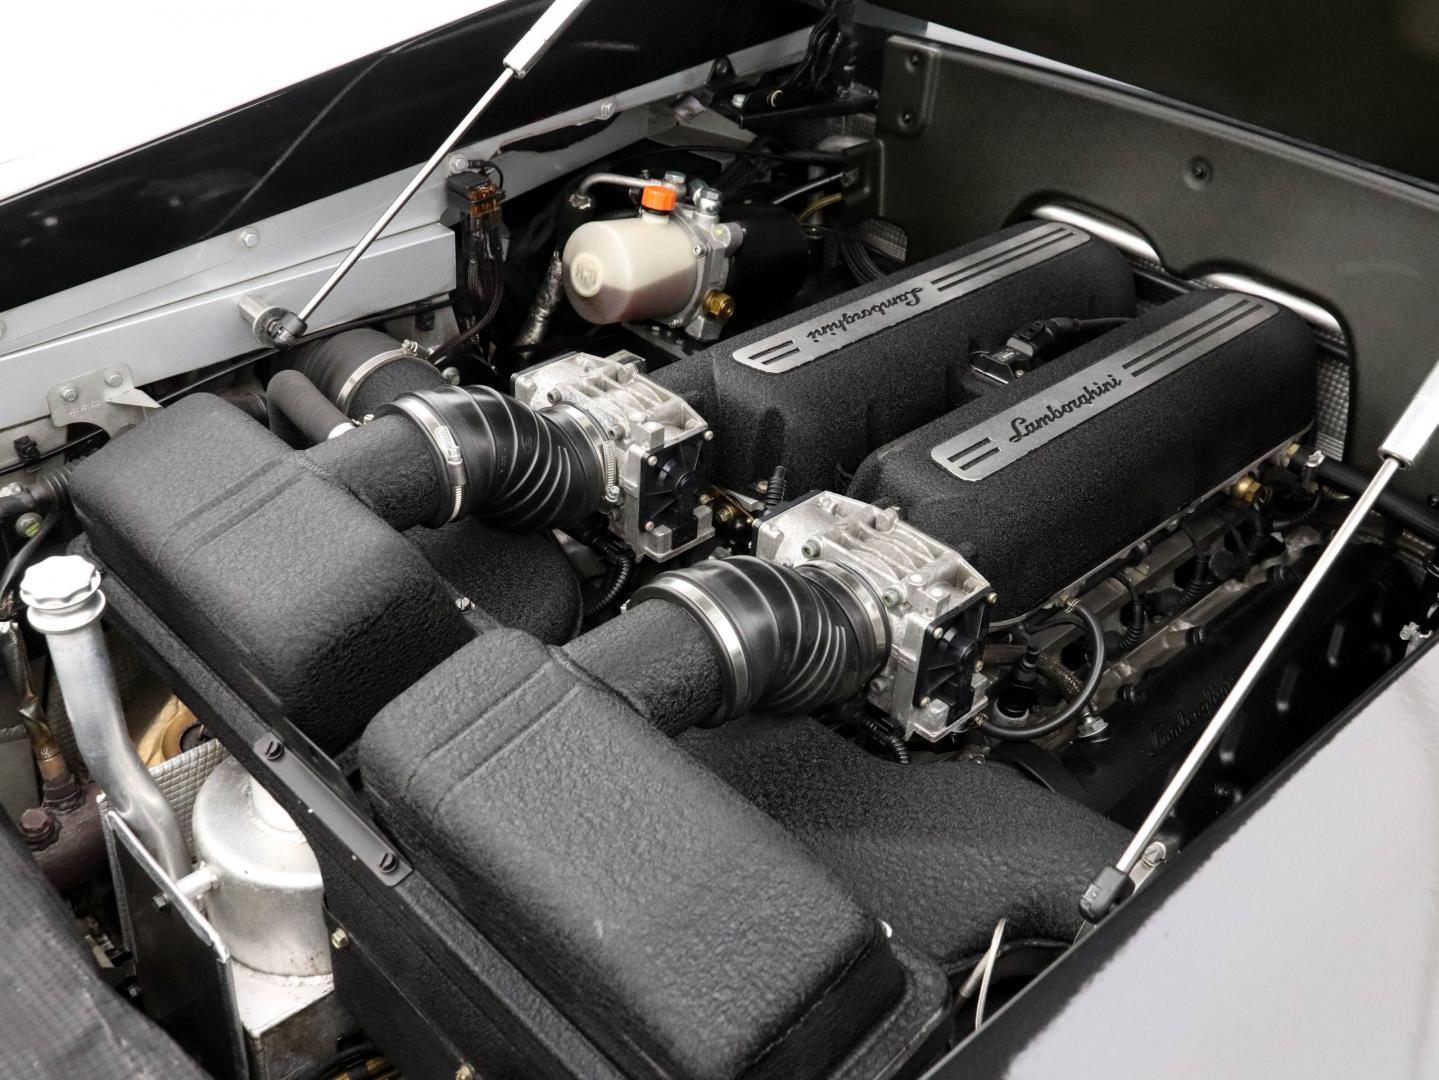 Lamborghini Gallardo V10-motor